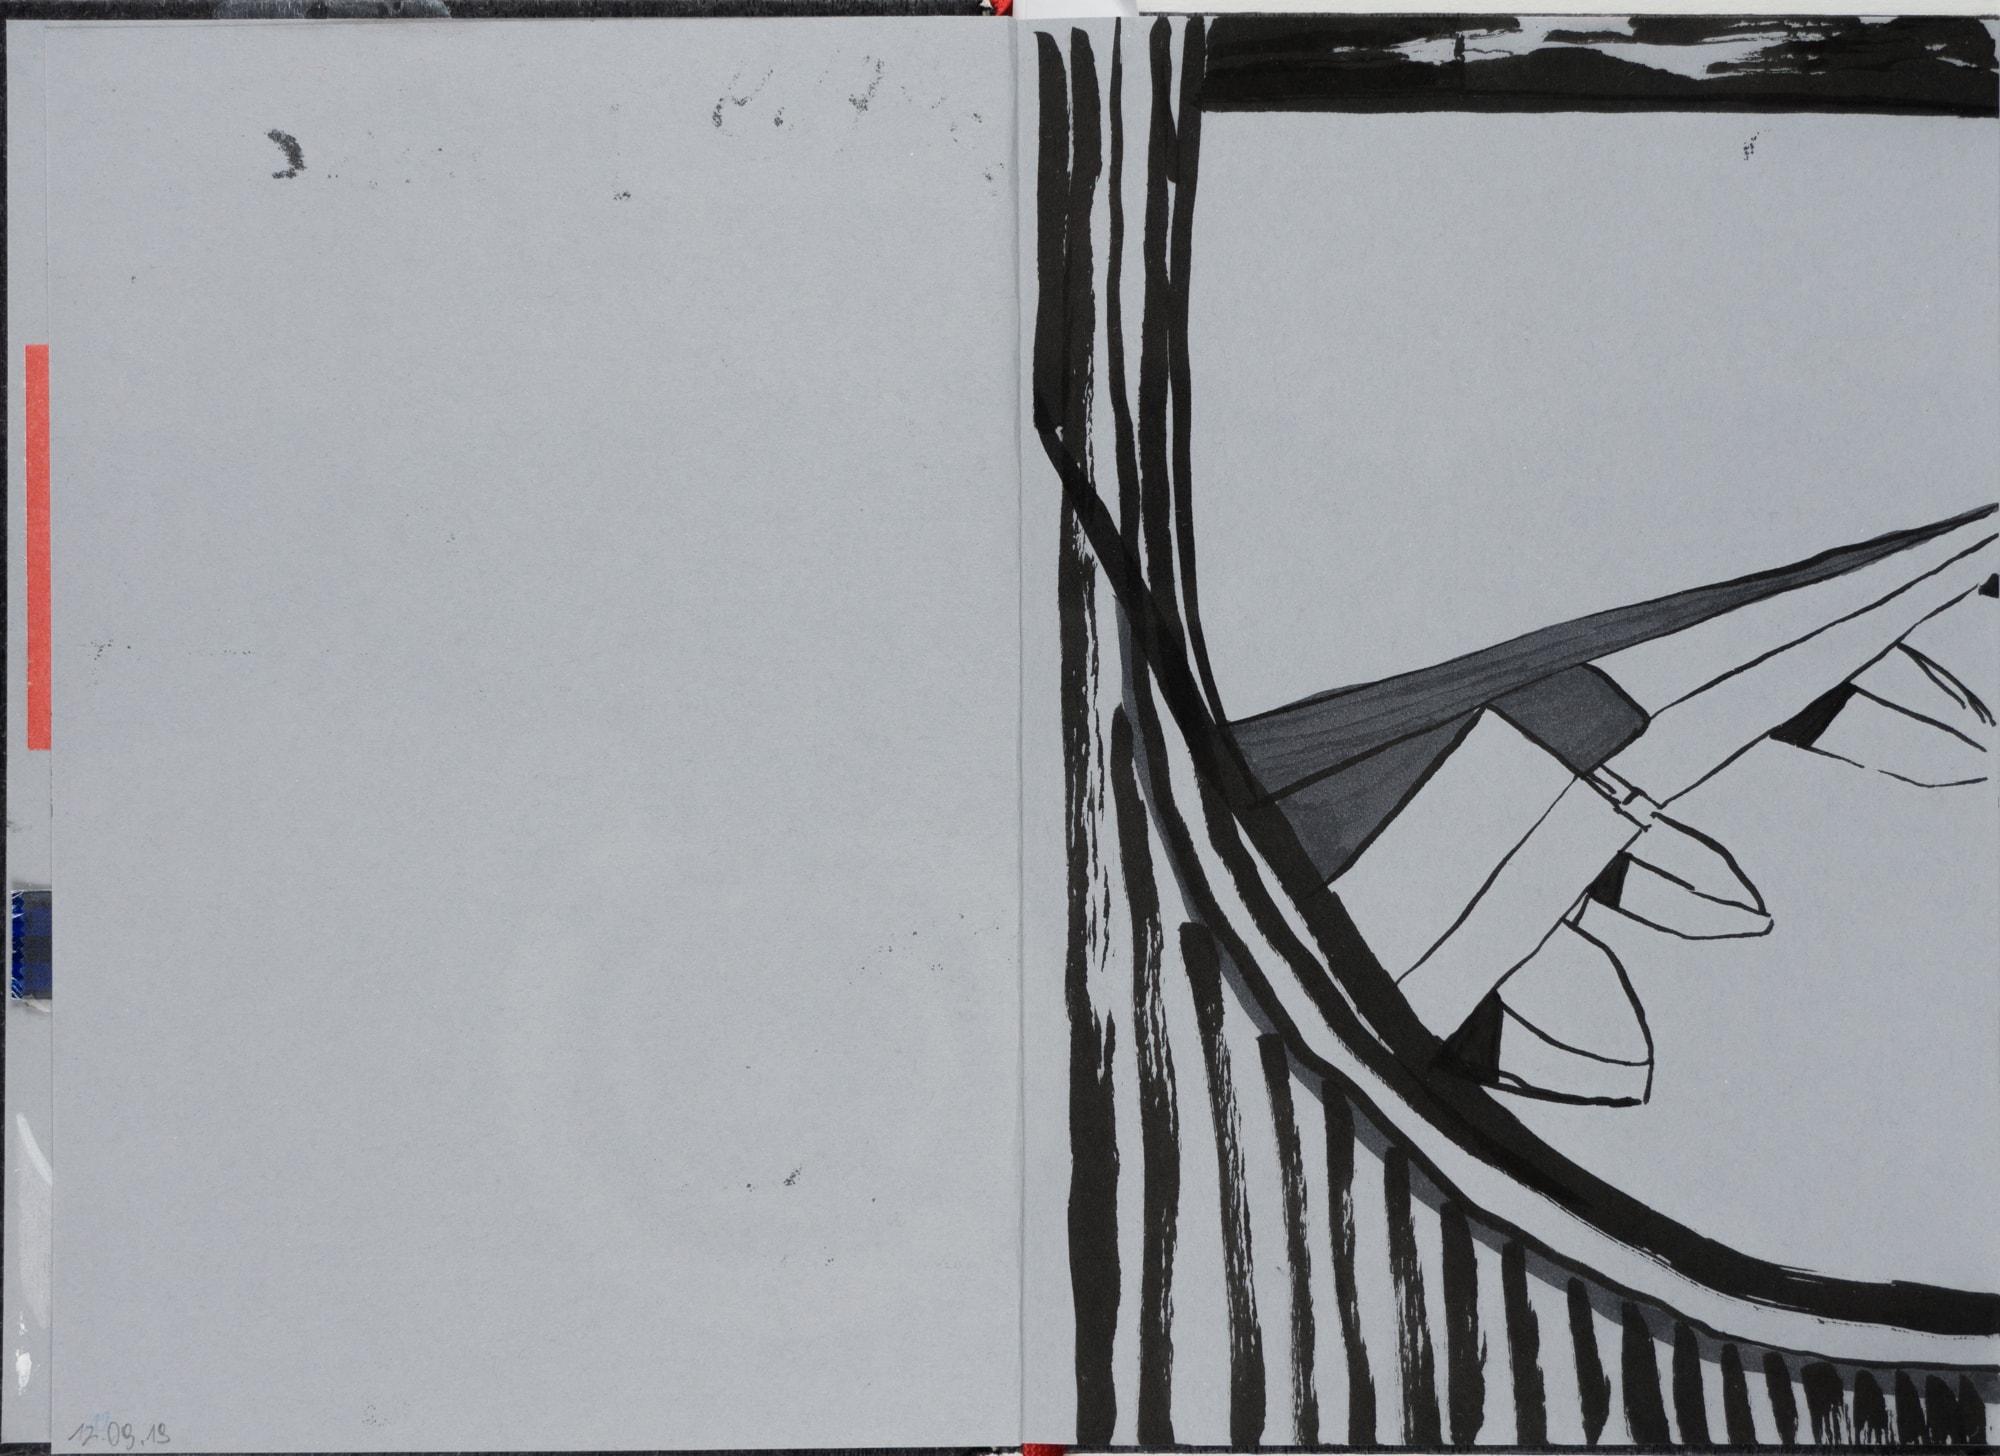 Zeichnung, Tusche auf Papier, 14,7x21cm, Blich aus Flugzeugfenster, Künstlerin: Franziska King